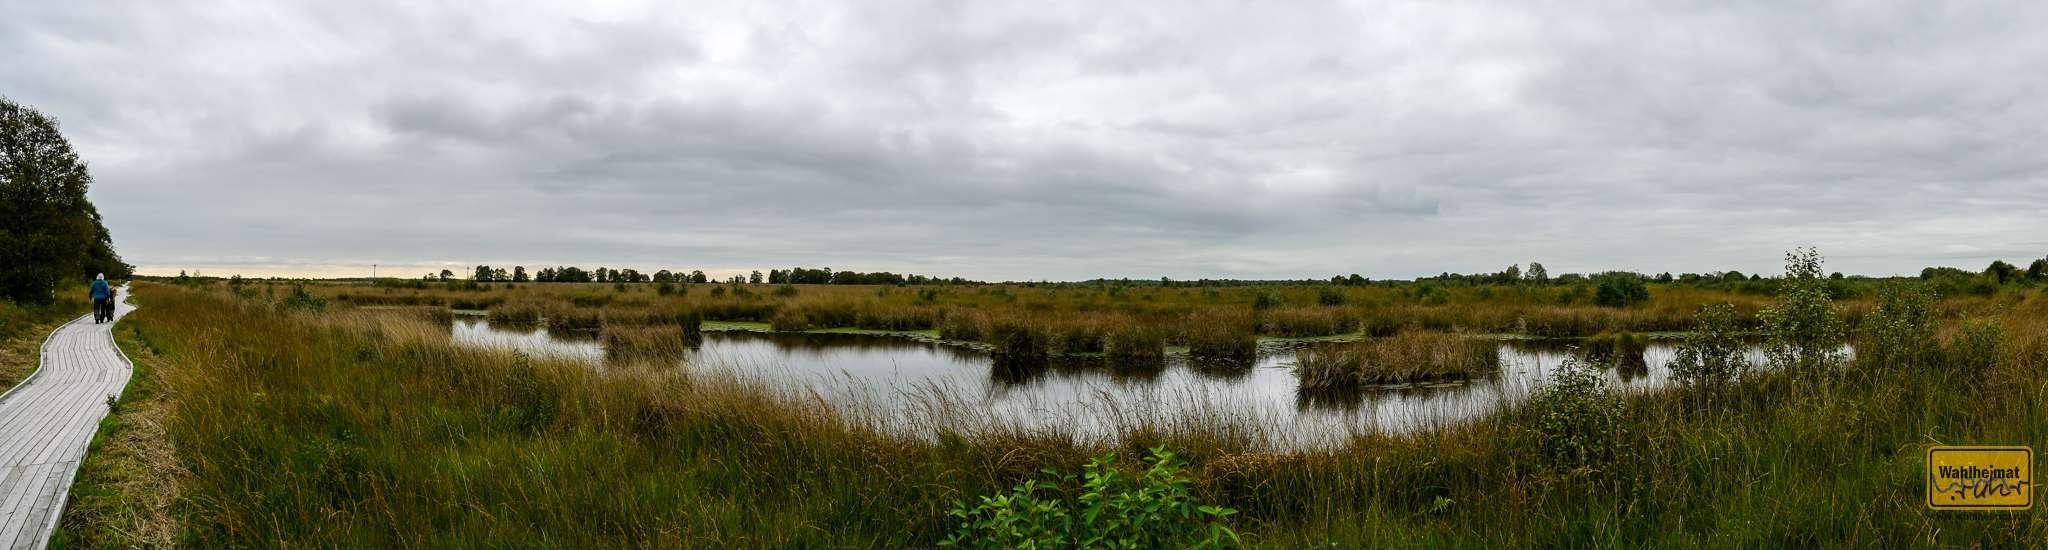 Typisch für so ein Moor: recht viel Wasser.